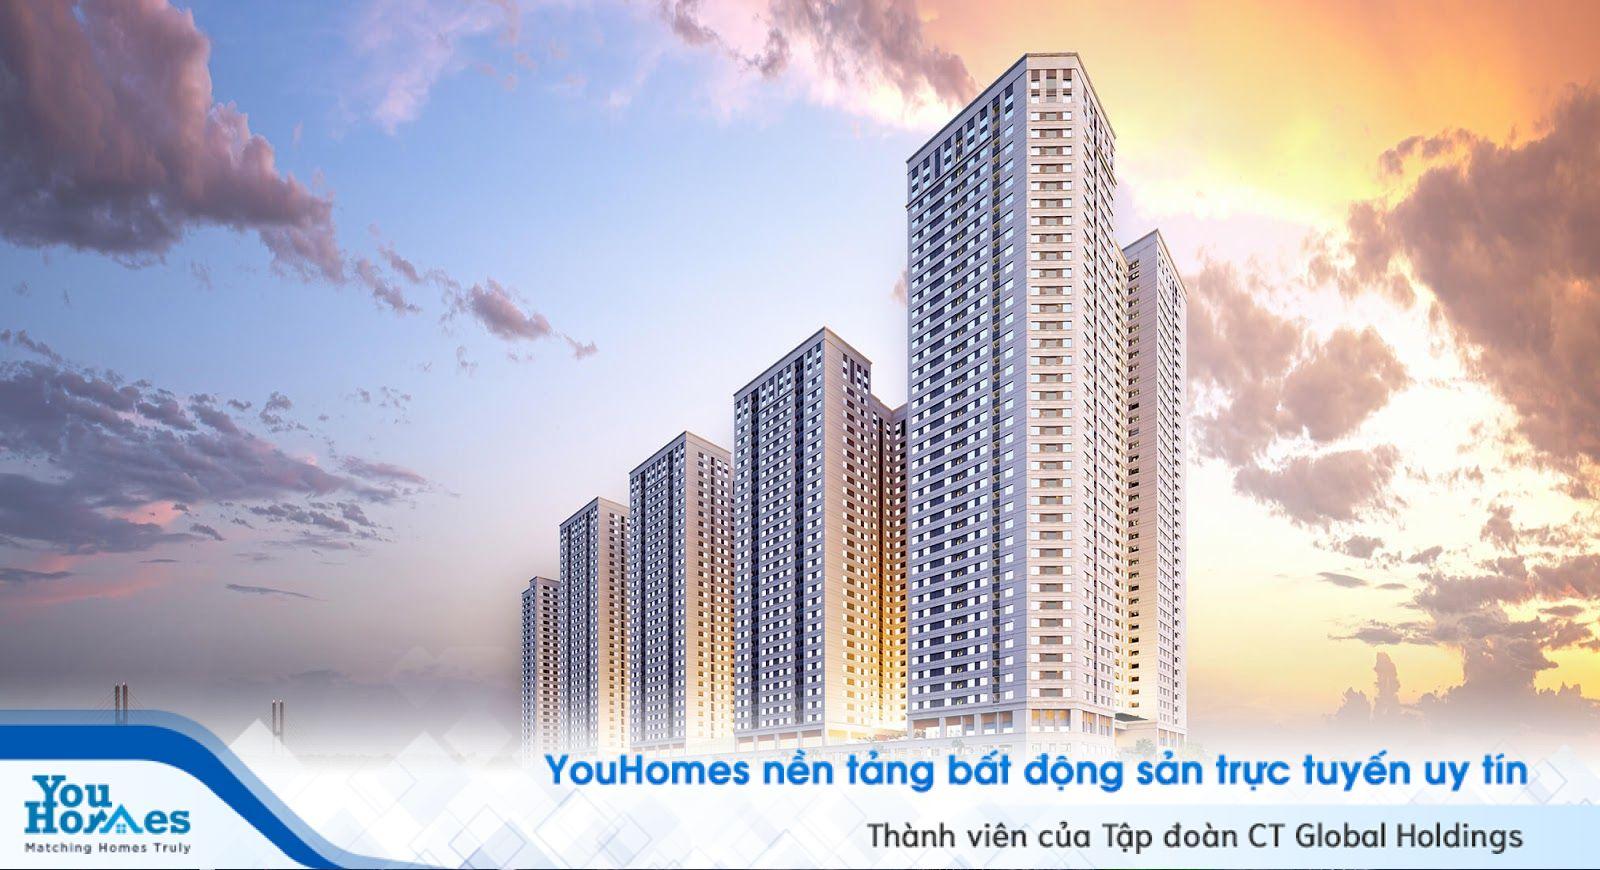 Ví trí là yếu tố then chốt quyết định giá cả chung cư.